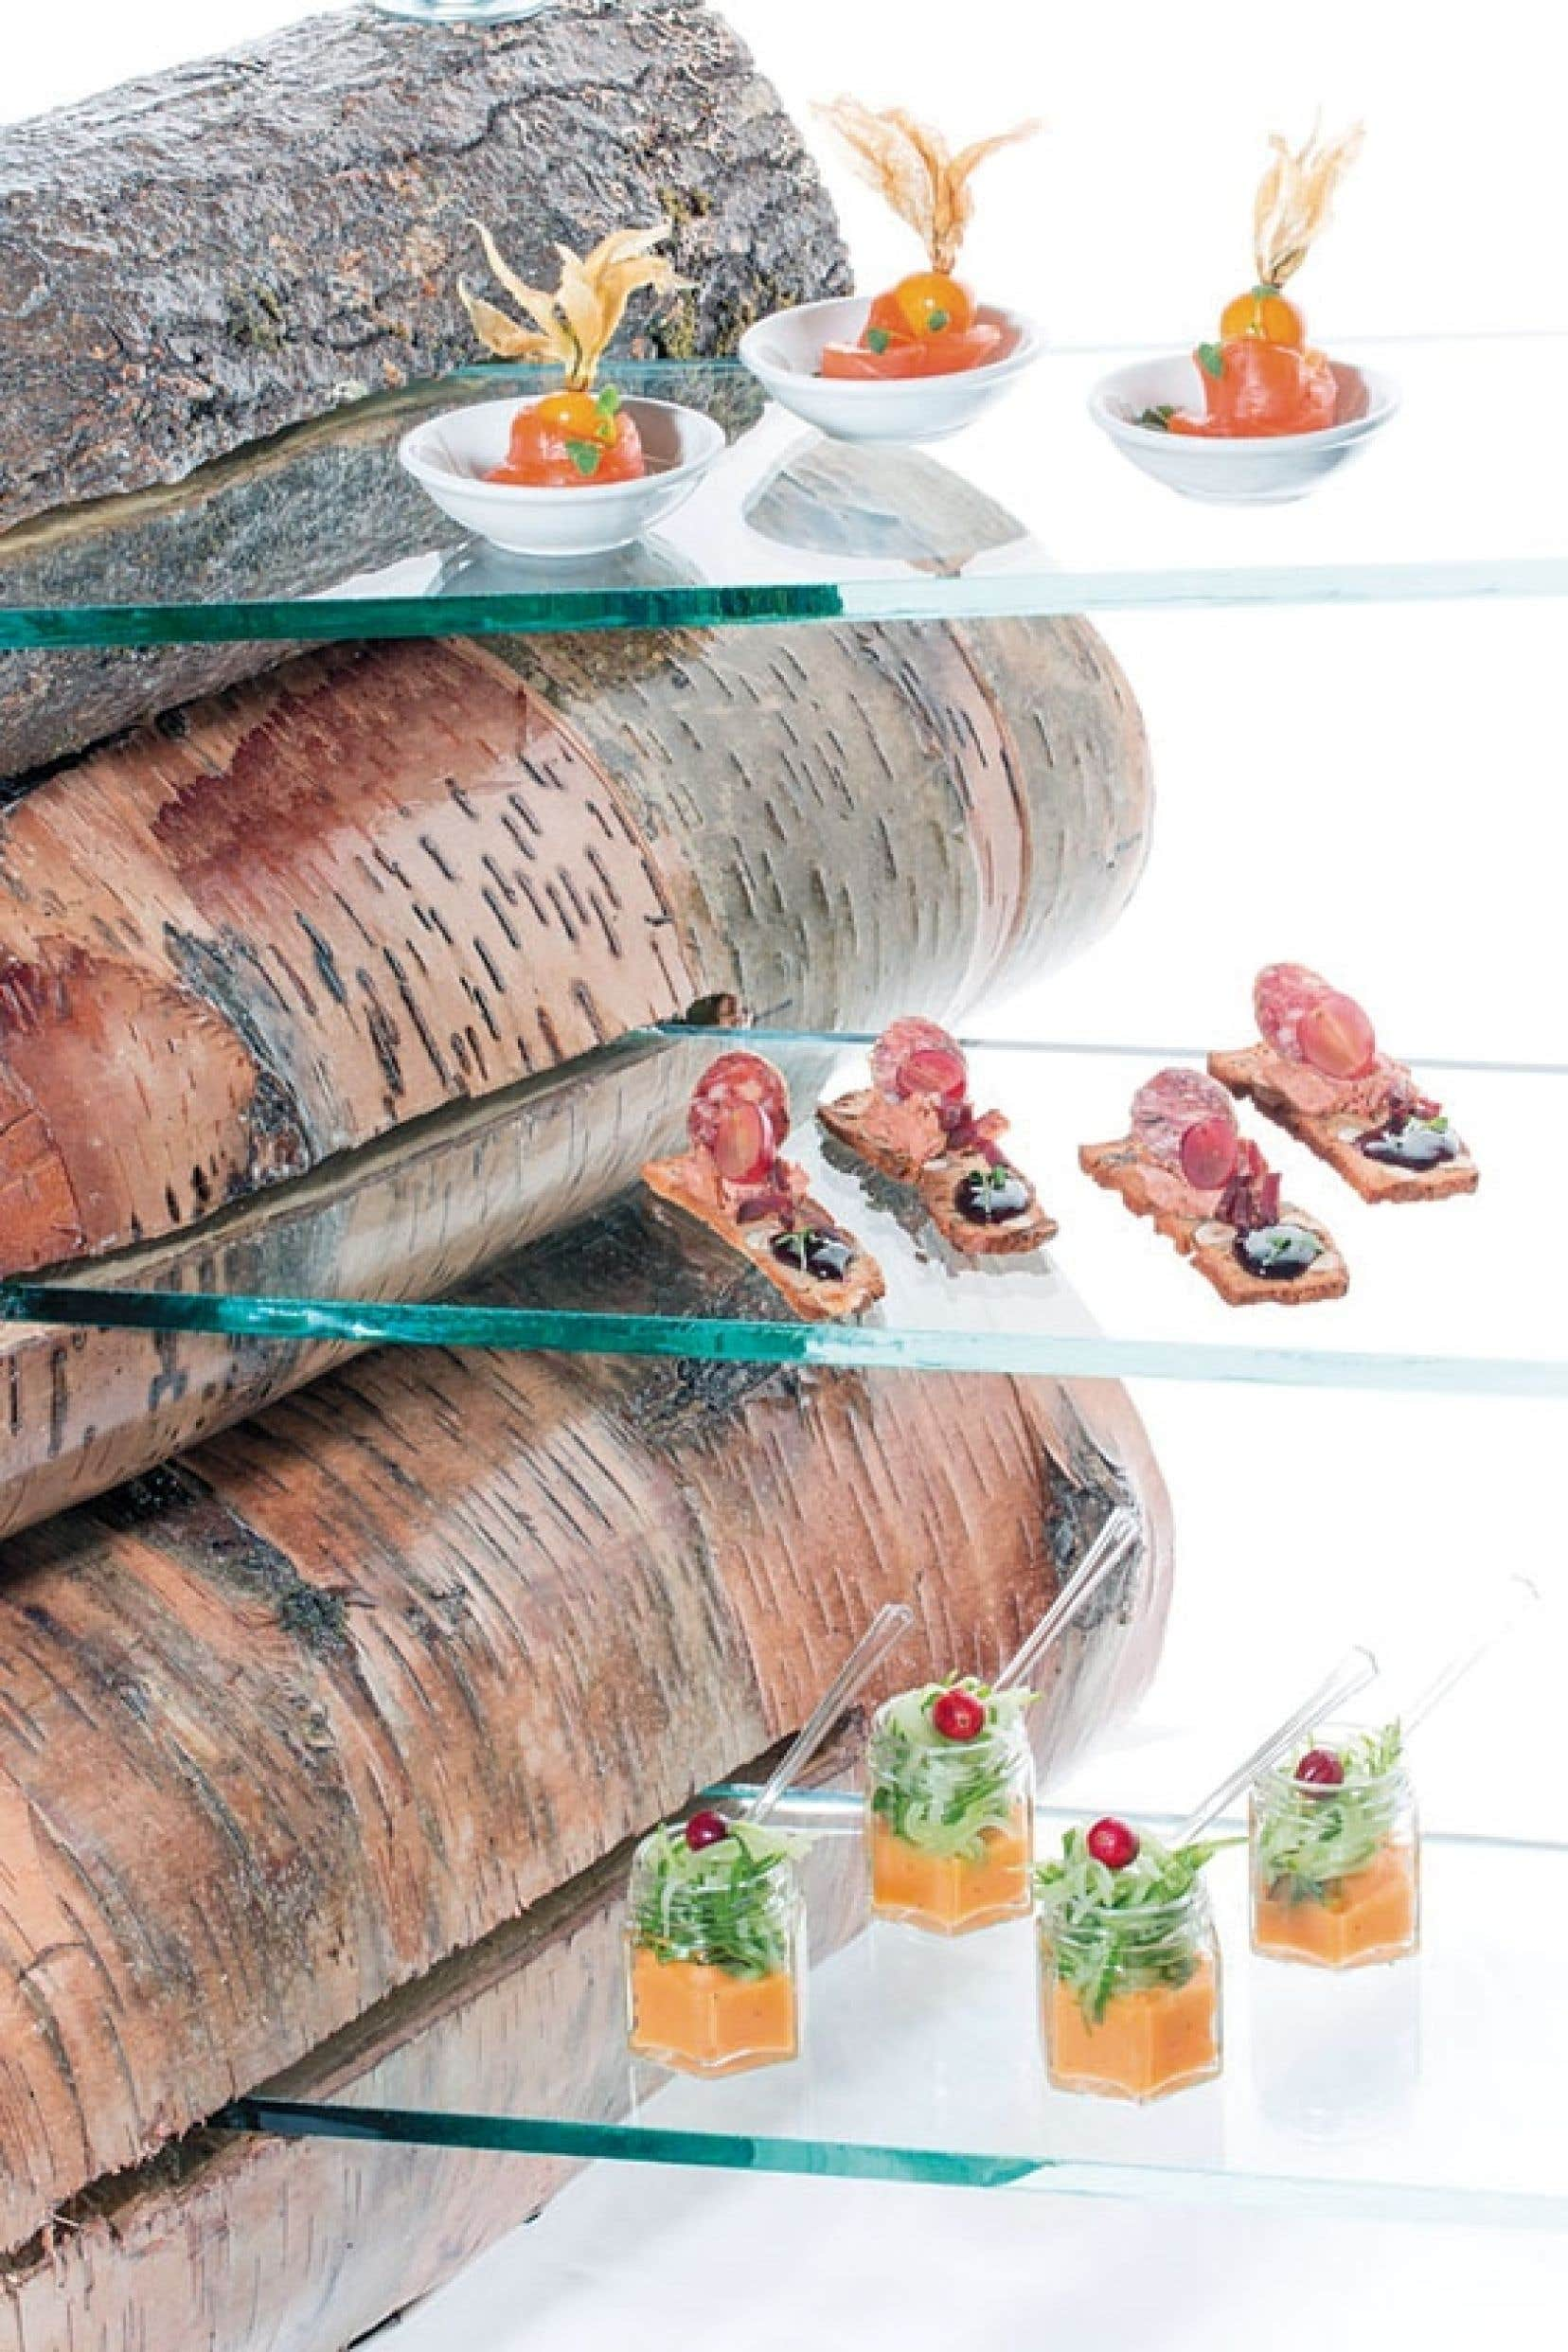 La carte du Bistro Nordik, élaborée avec des produits d'ici, s'inspire de la nouvelle cuisine nordique.